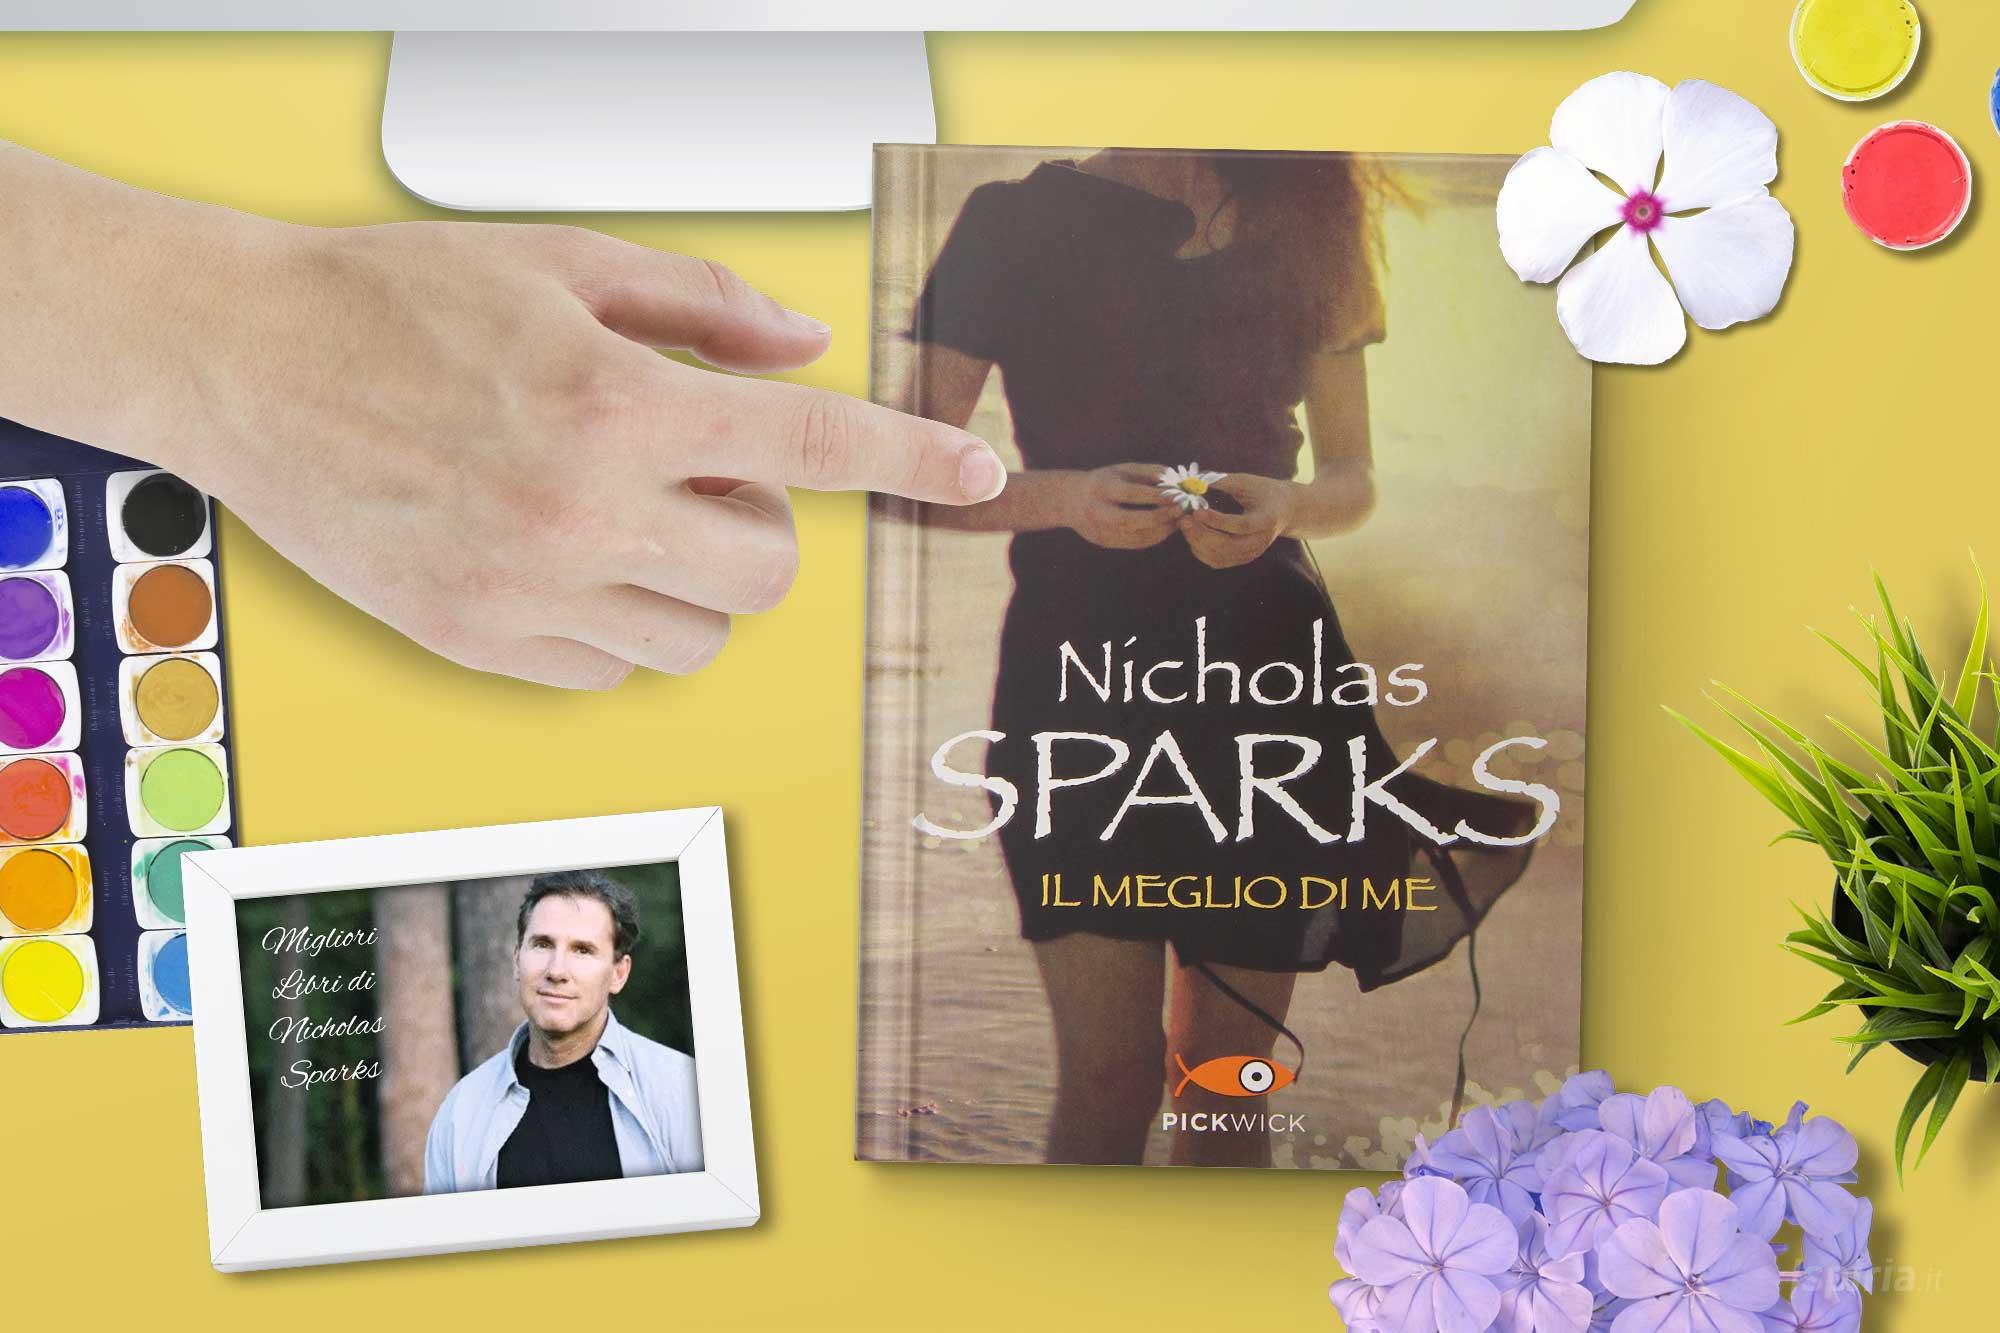 il-meglio-di-me-nicholas-sparks-libro